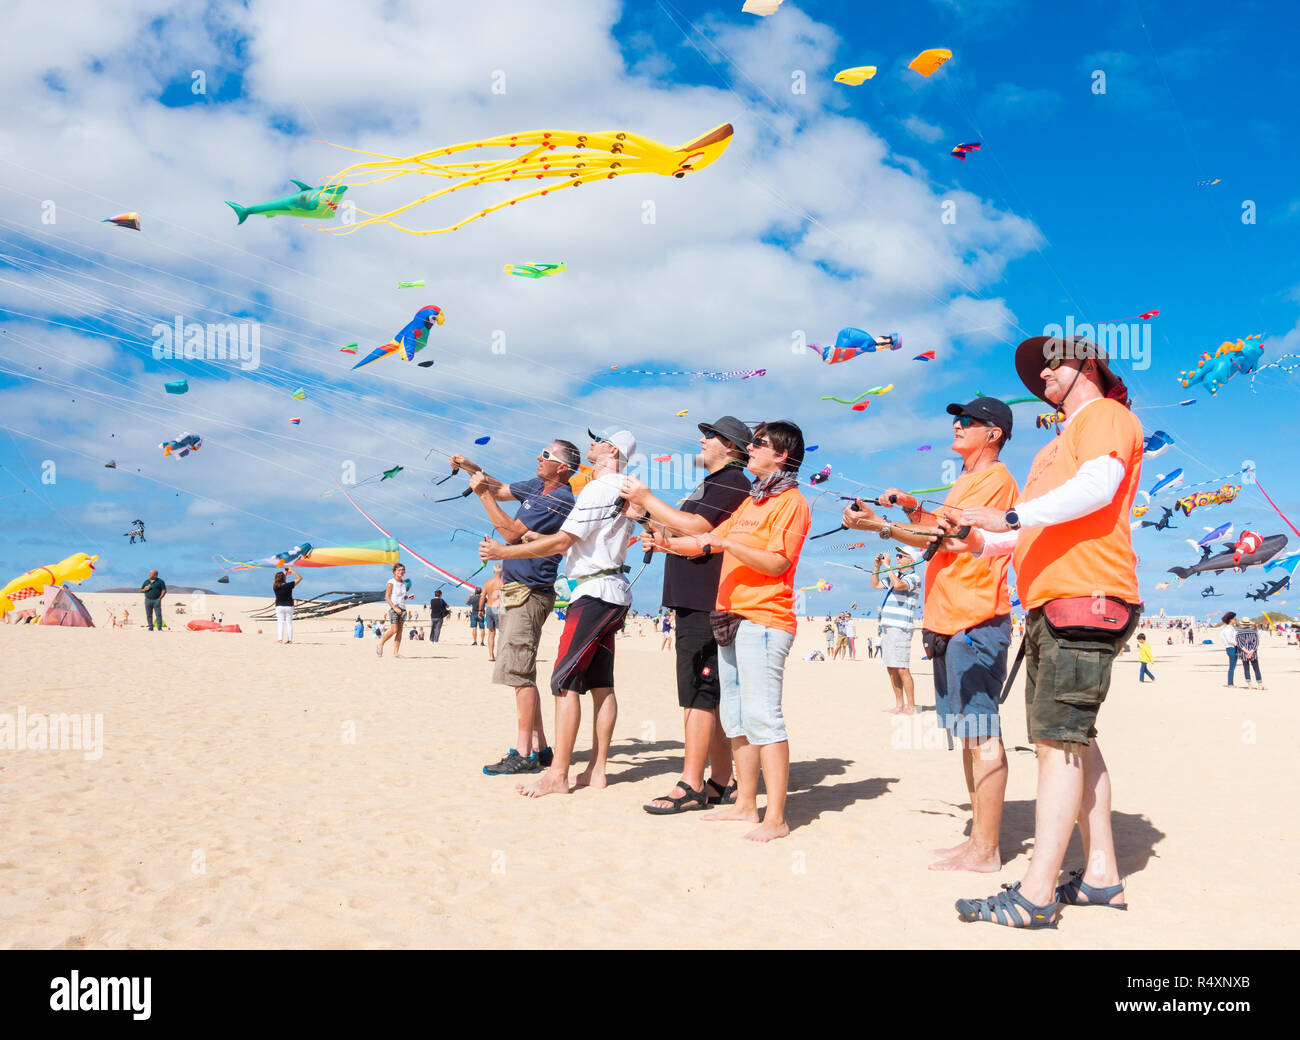 Flying kites at 2018 Fuerteventura international kite festival. Fuerteventura, Canary Islands, Spain - Stock Image